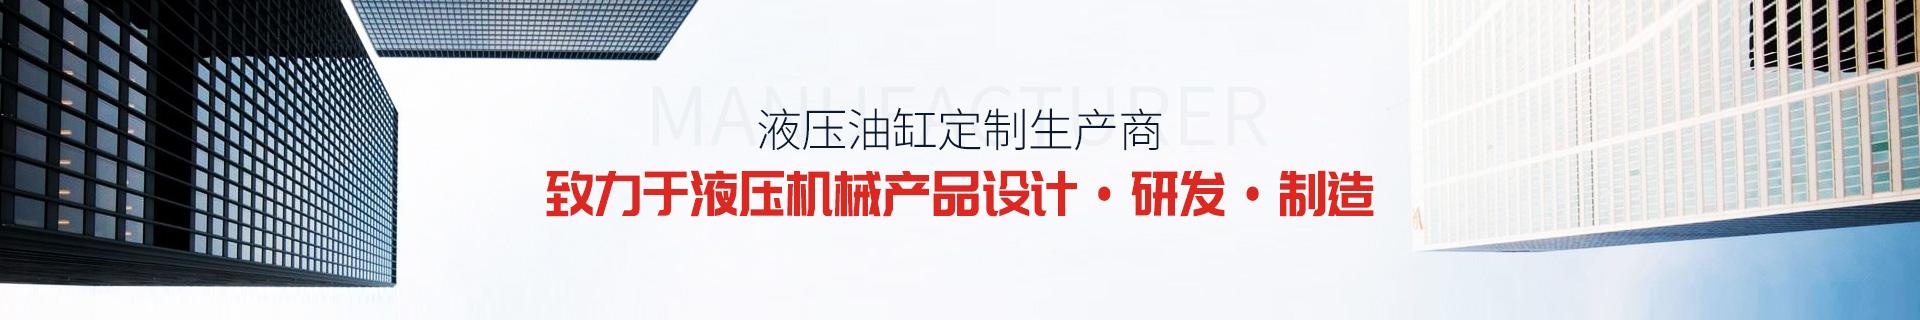 鼎泰-液压油缸定制生产商